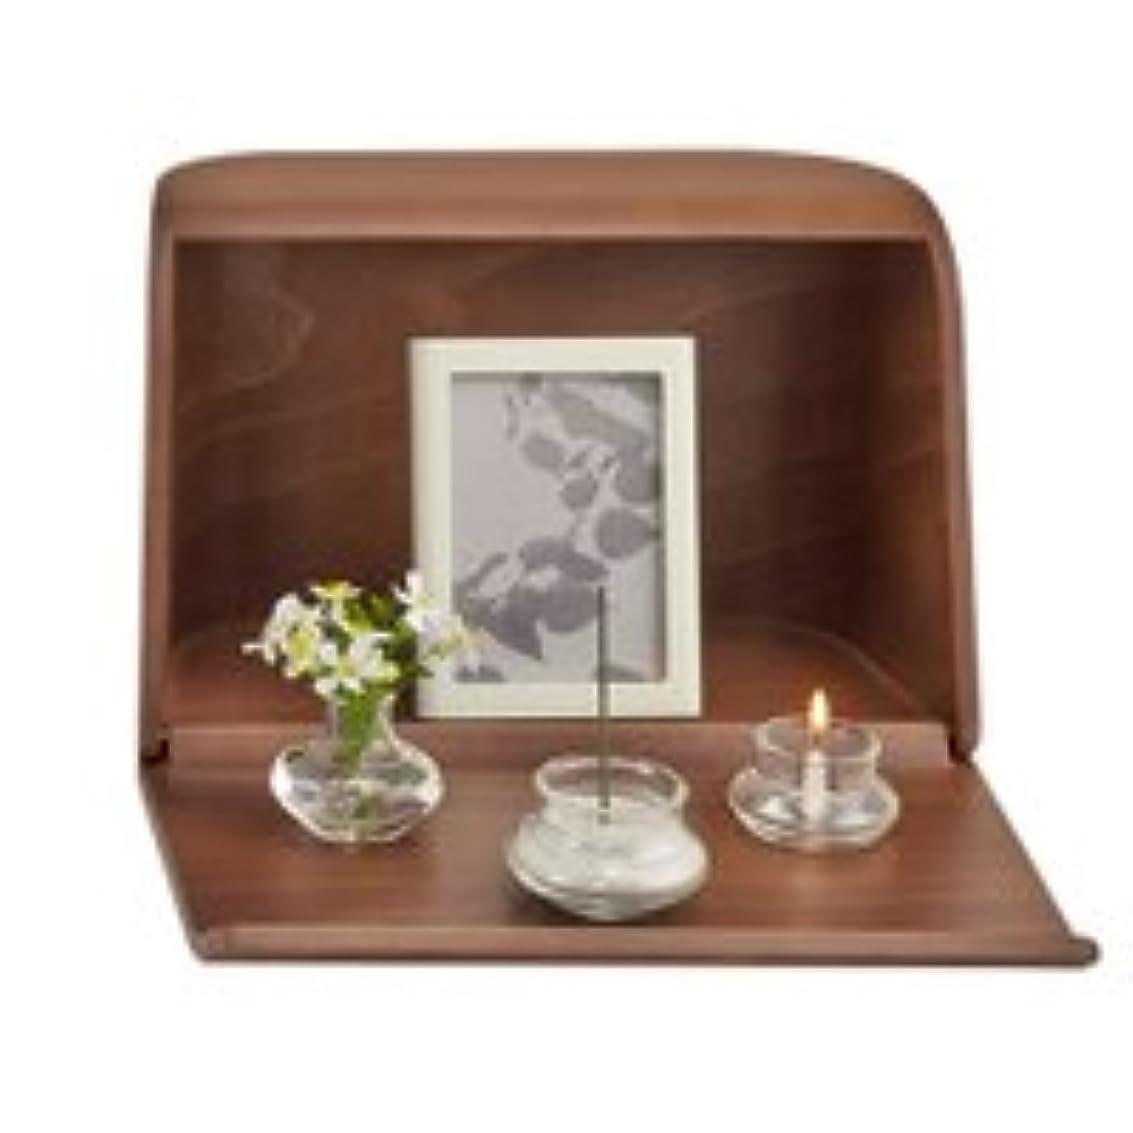 パズル市の中心部高尚なやさしい時間祈りの手箱ブラウン × 2個セット